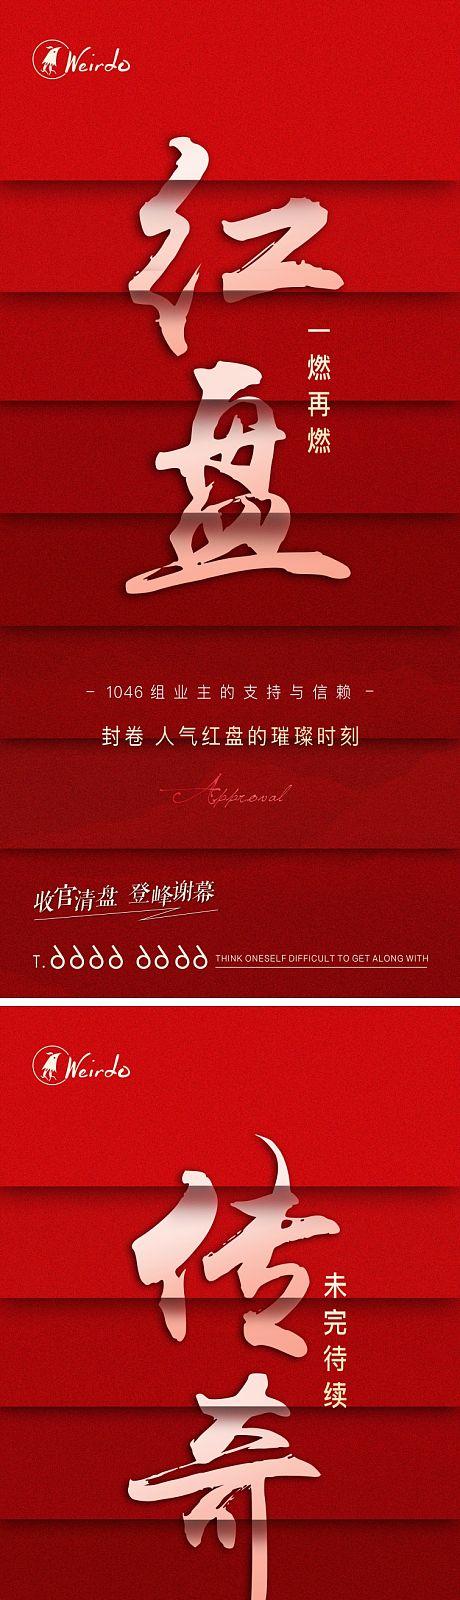 红盘地产海报